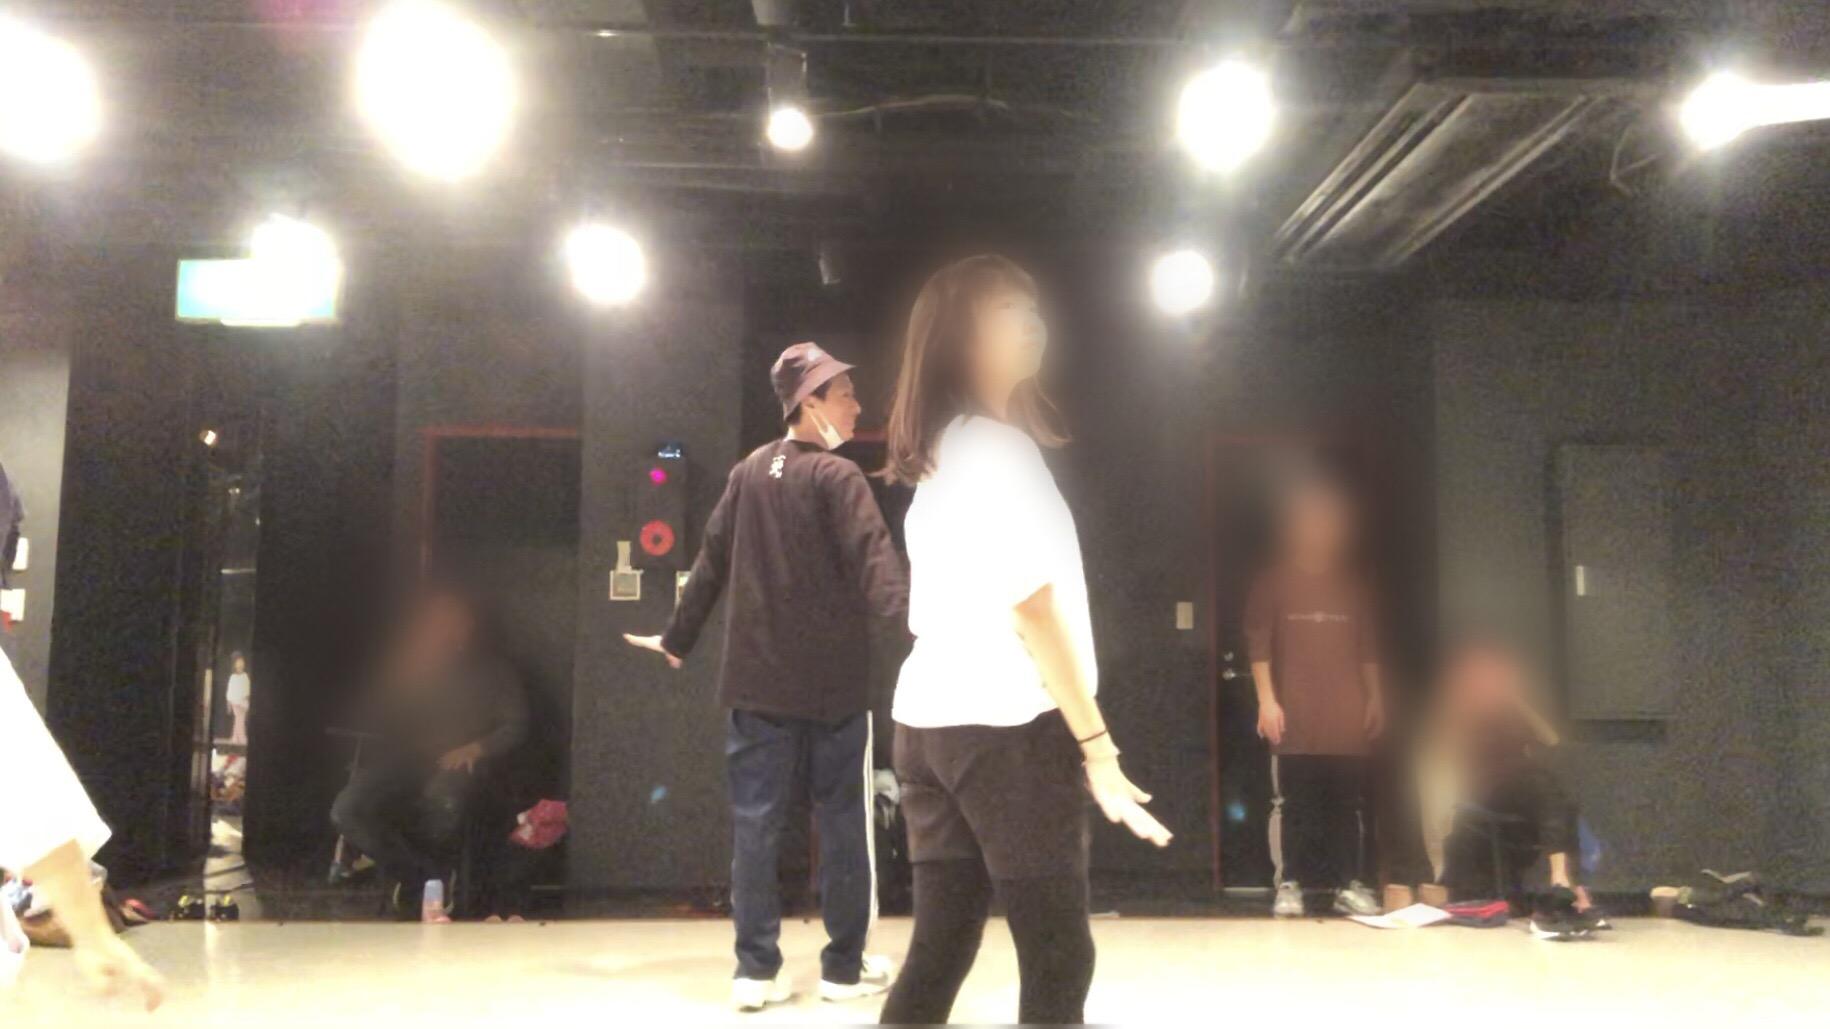 ダンス講座 入門編 10.11 | 片足ターン 肩のアイソレーション やり方